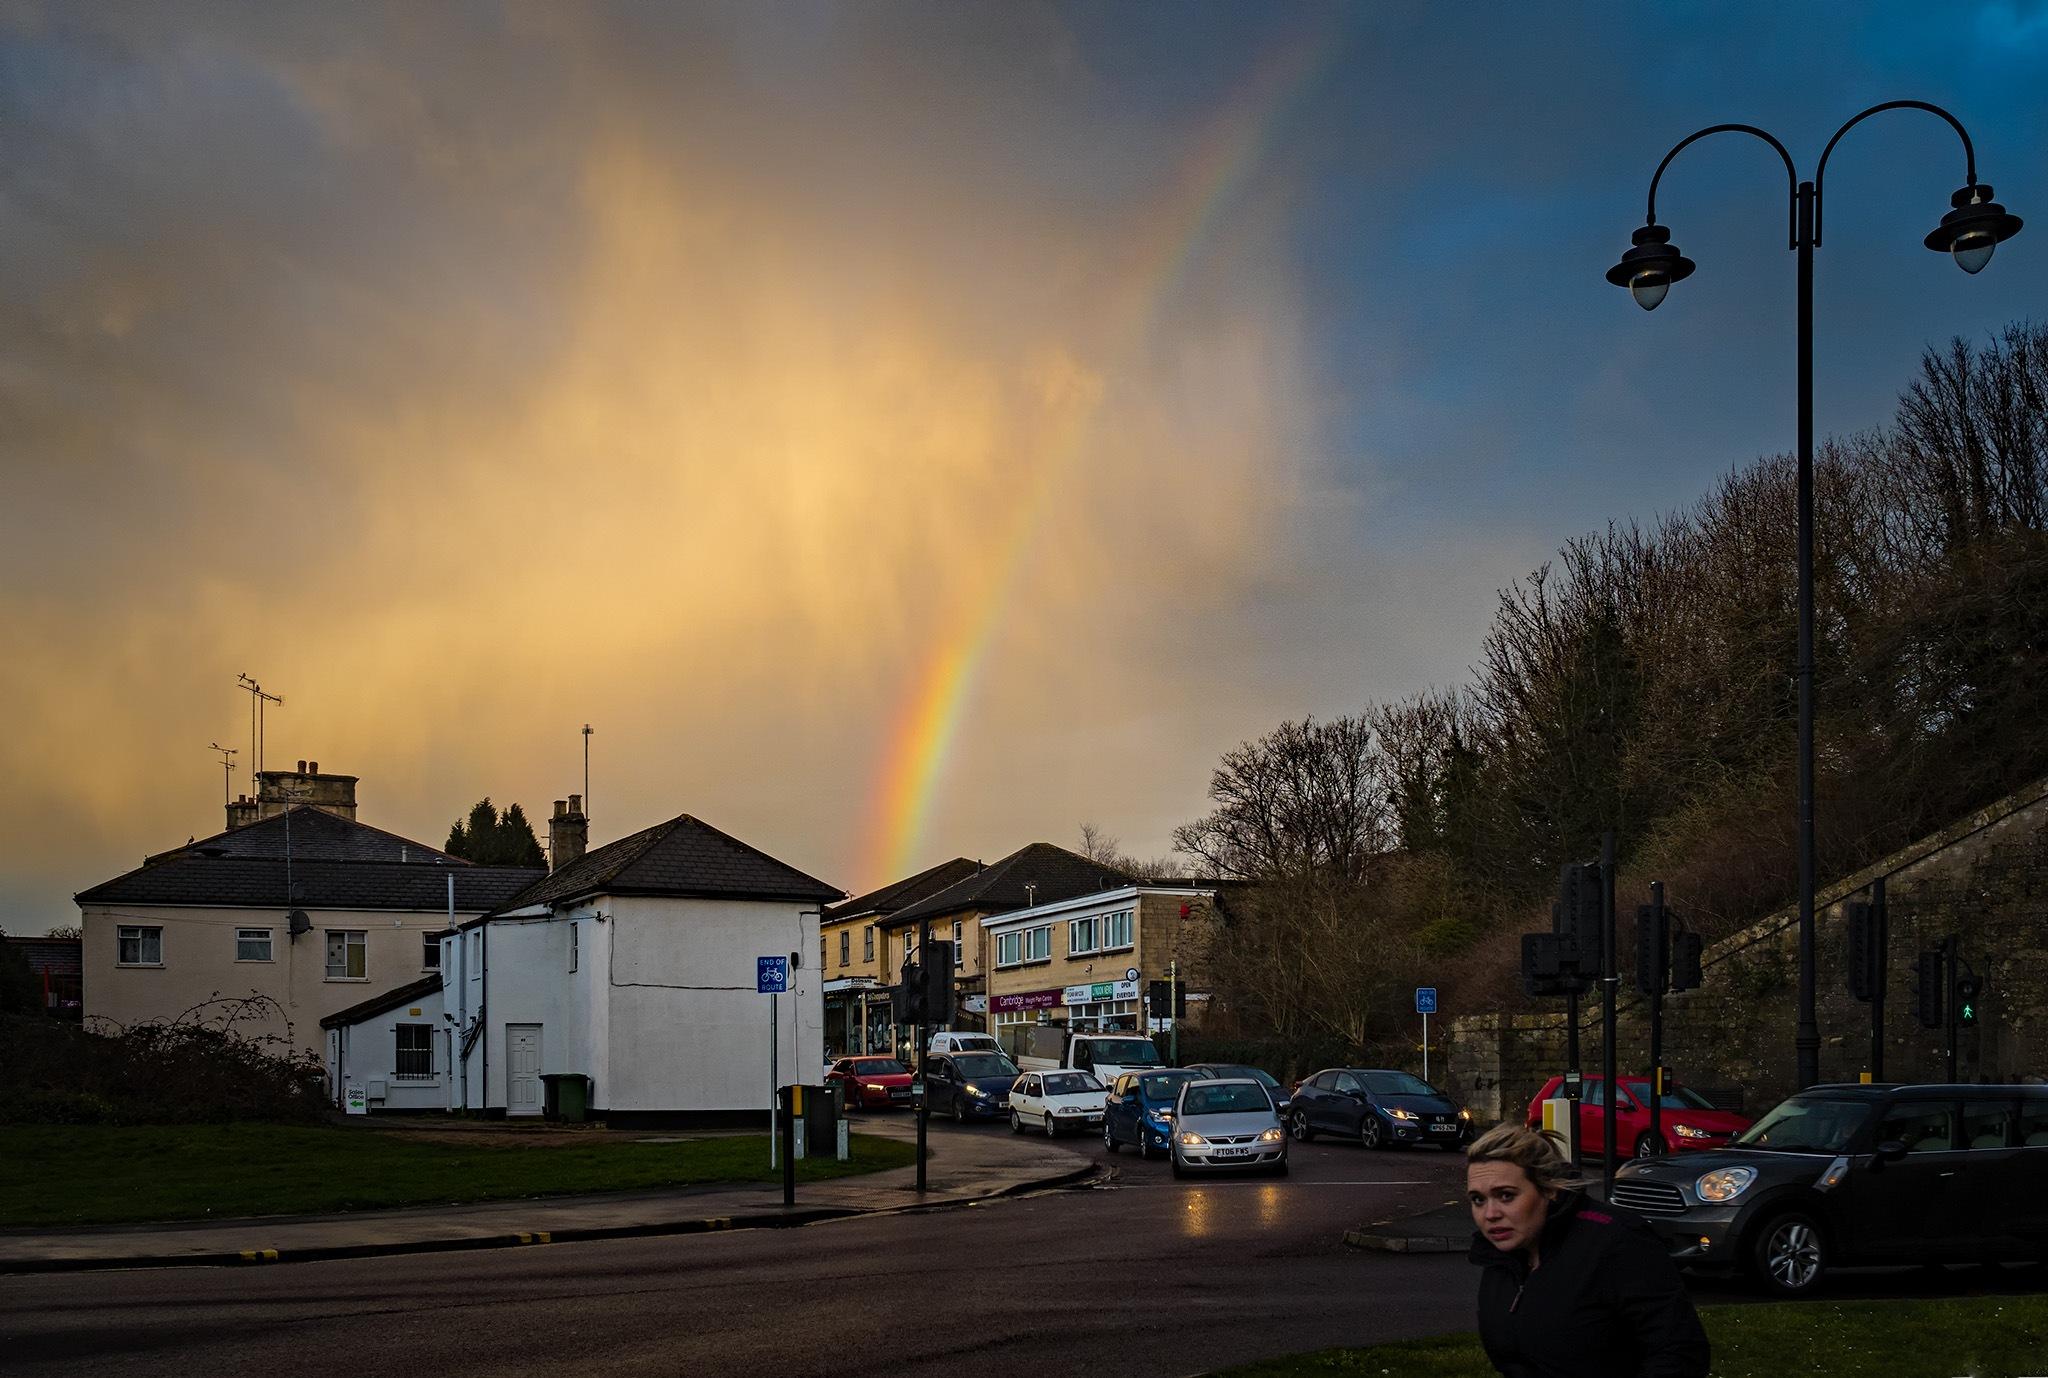 Rainbow over Chippenham by DavidNorfolk